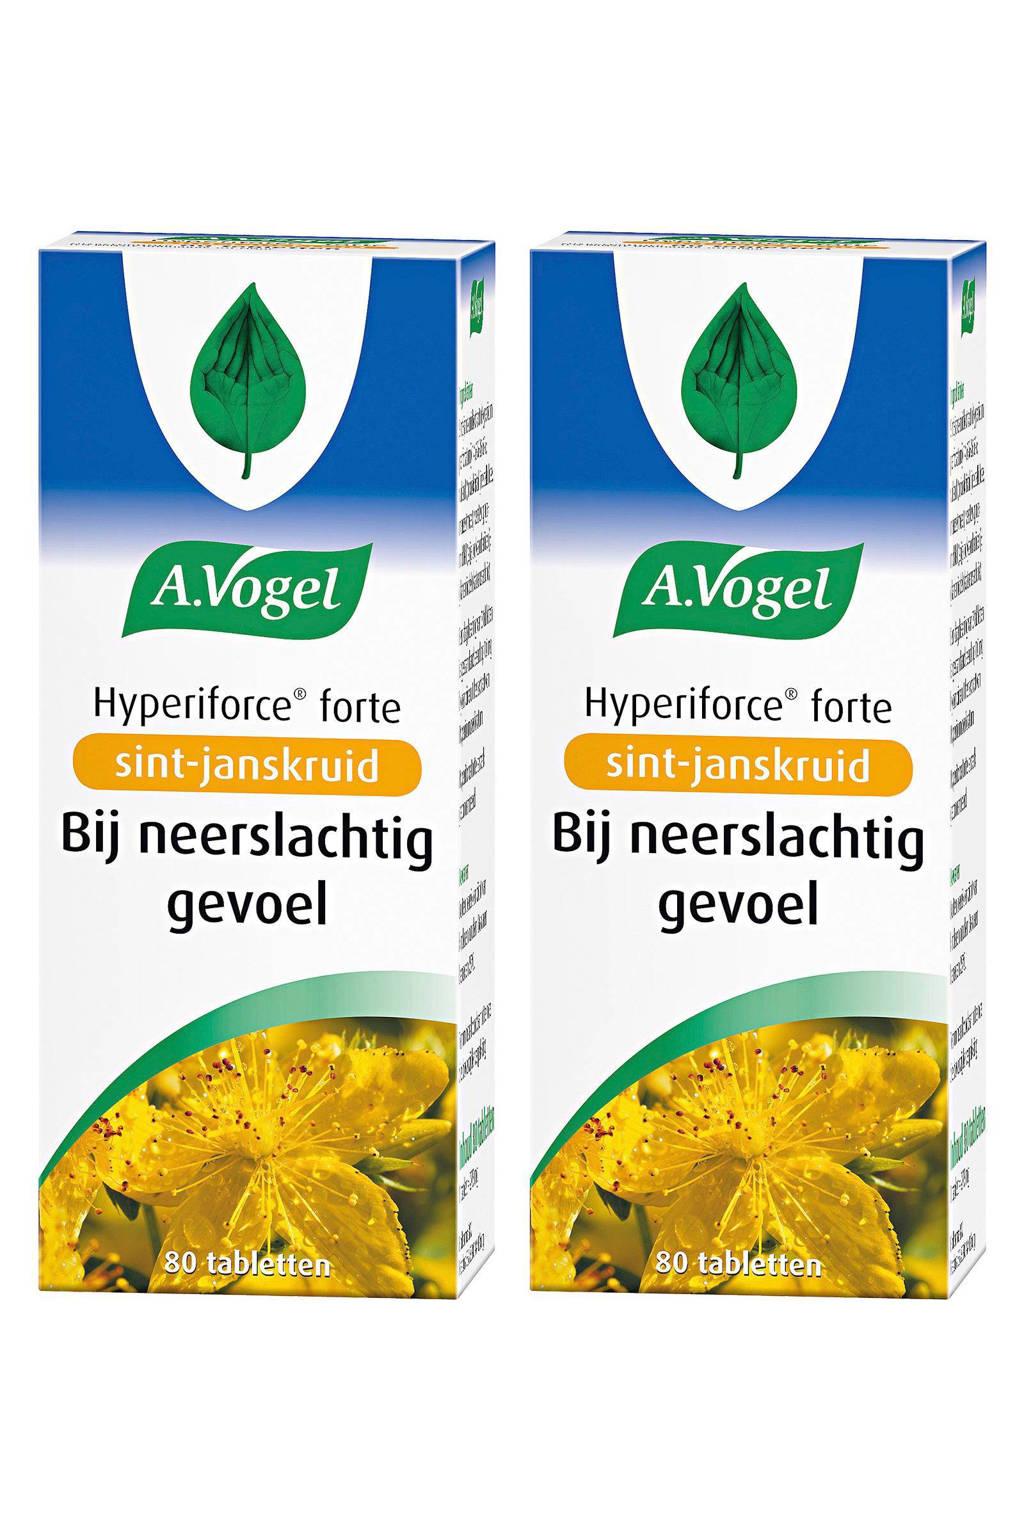 A.Vogel Hyperiforce forte met sint-janskruid - 2x 80 tabletten